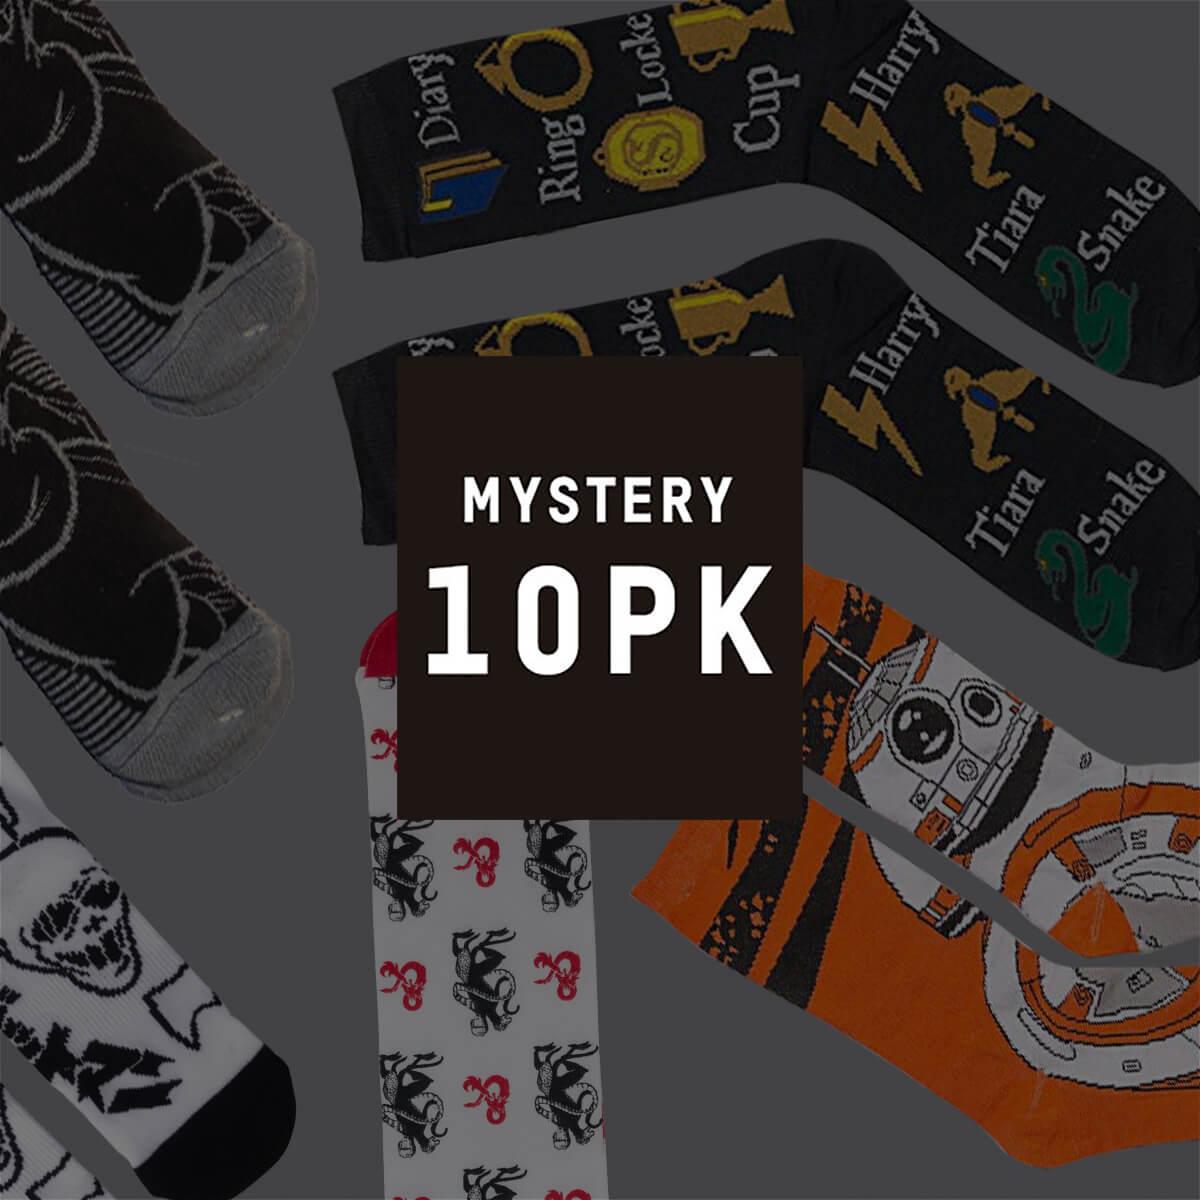 [Hässlicher Preisjäger] 10 Paar Geek Socken nach Zufallsprinzip um 22,99 Euro bei Zavvi